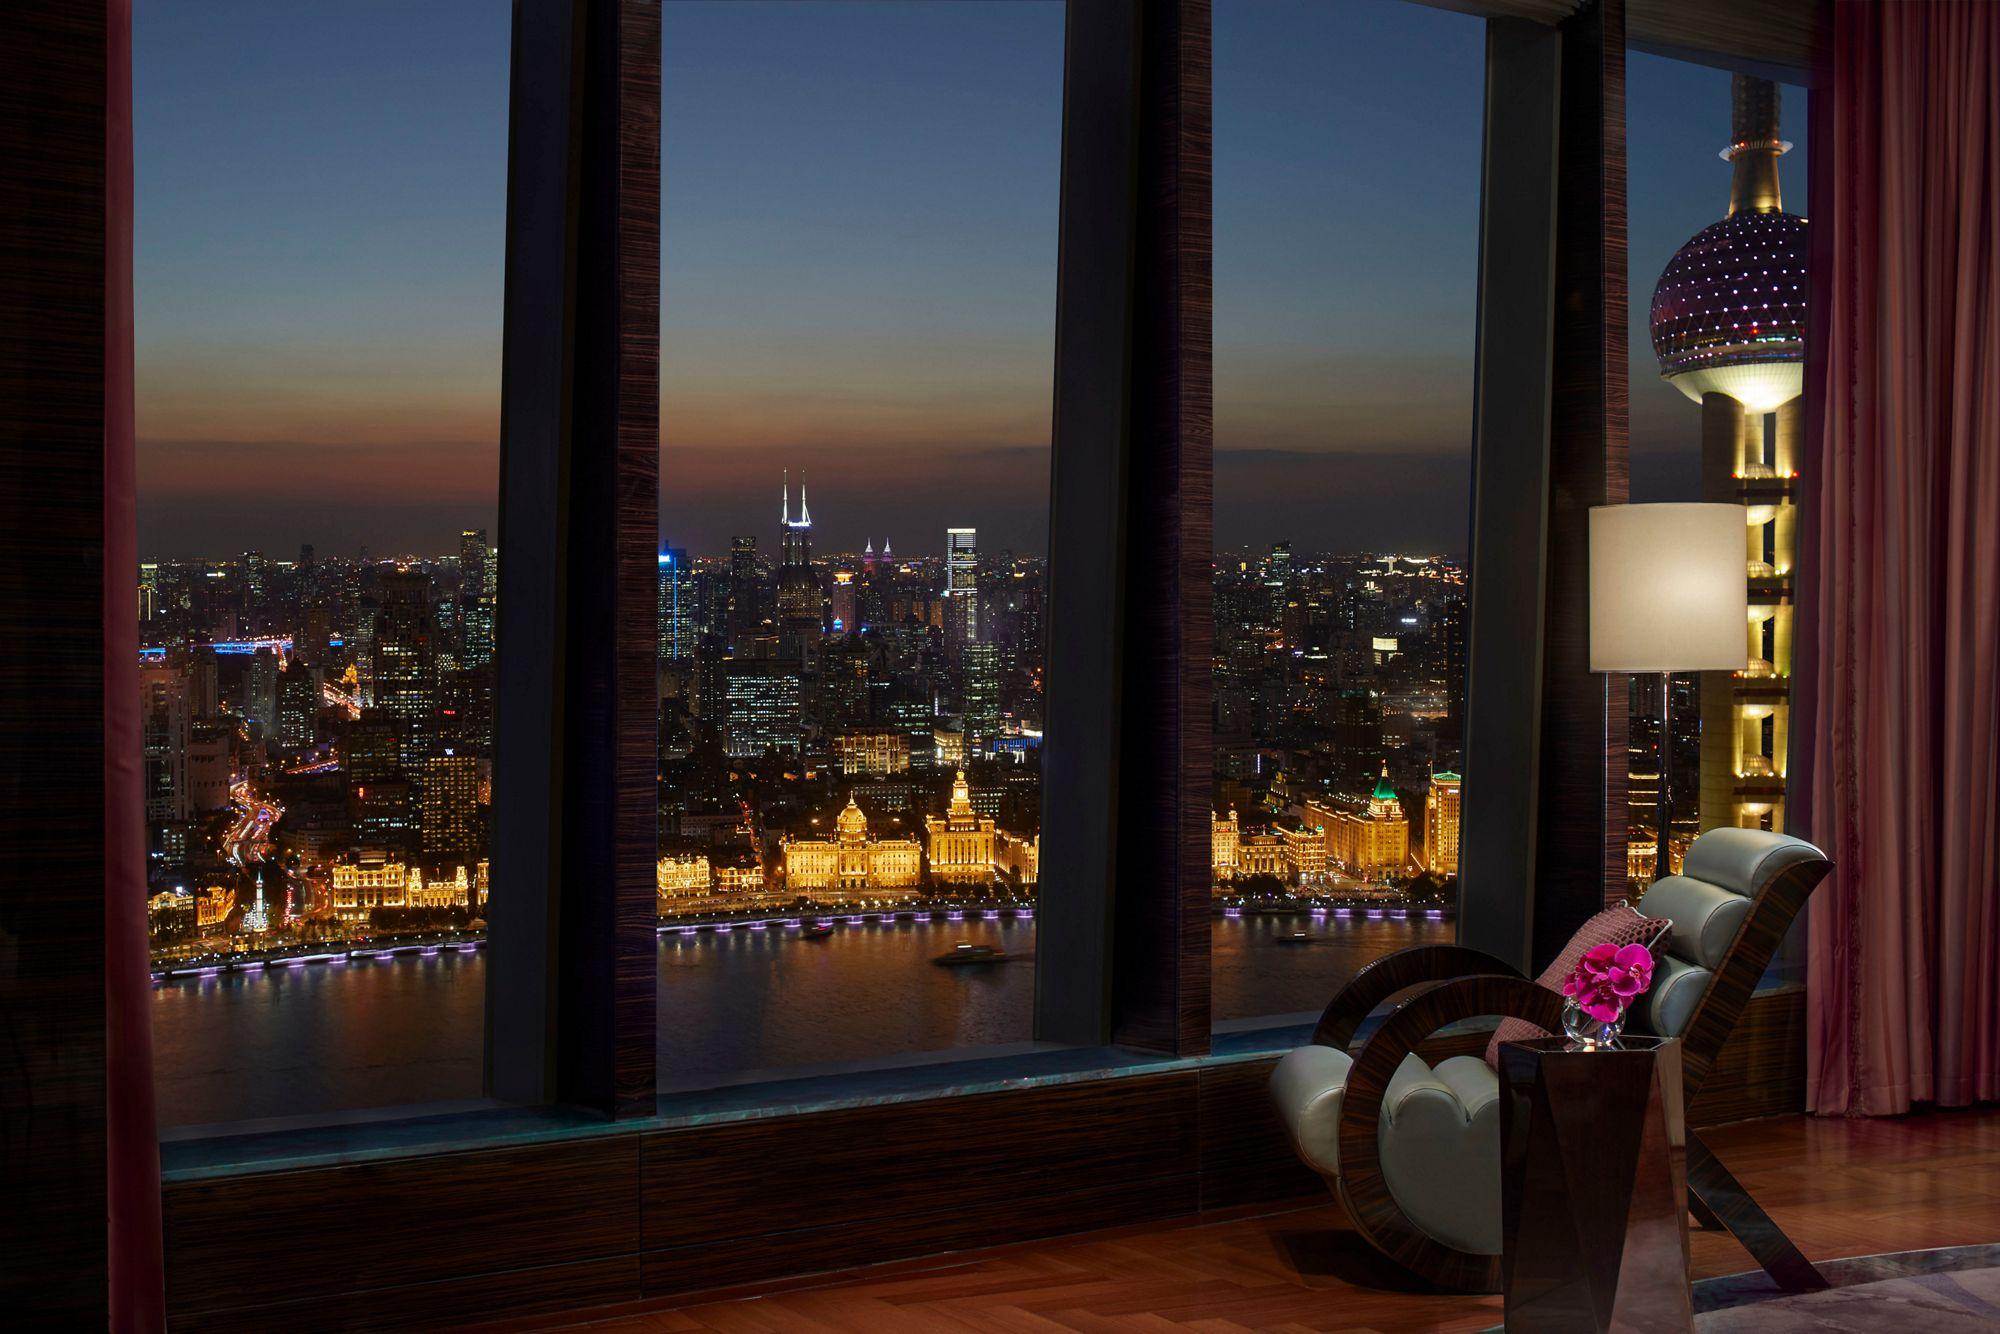 Presidential Suite - Bund Pearl Tower View